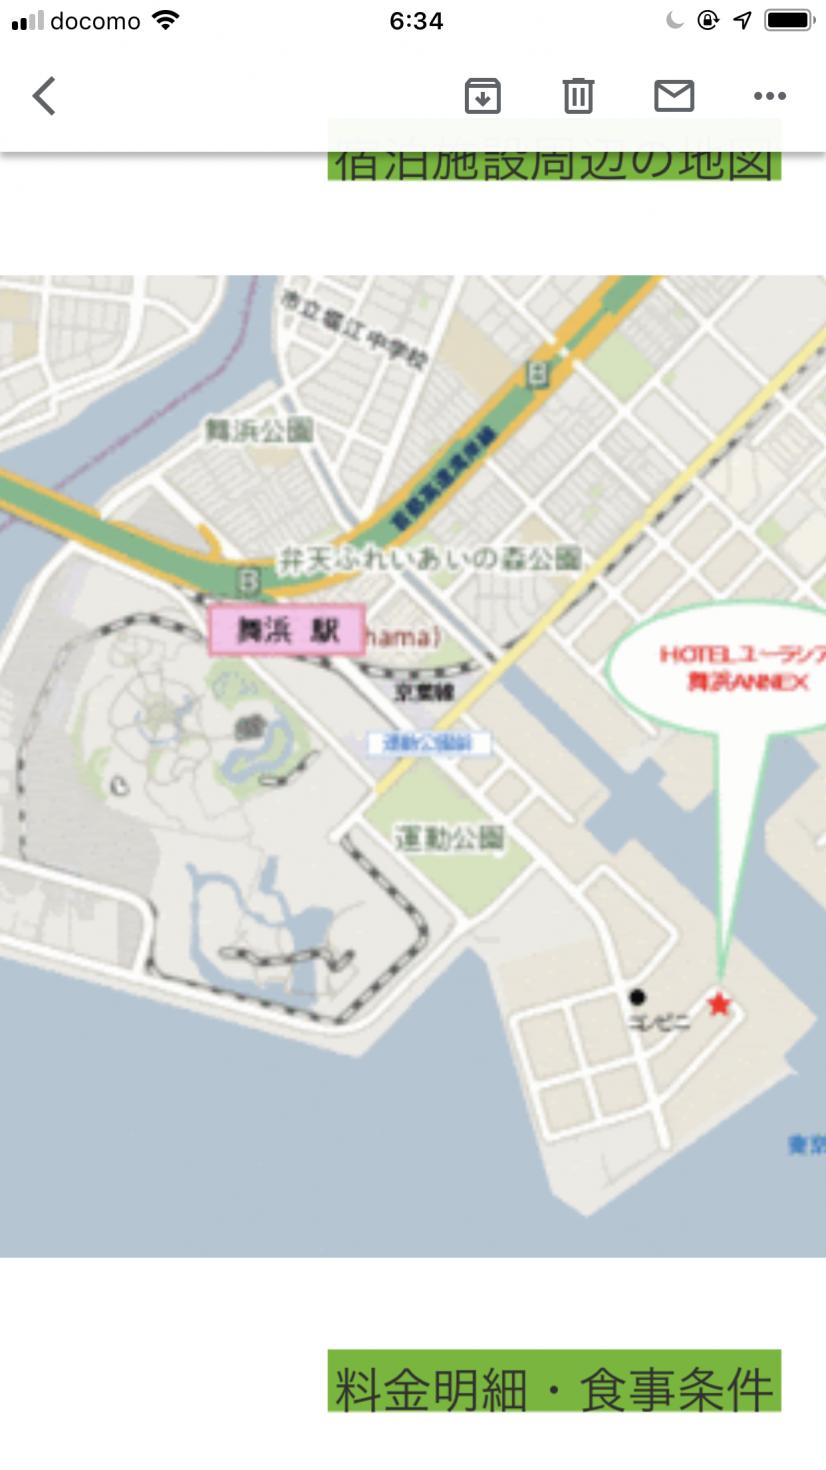 場所はこちら 本館まで歩くと15分くらいですが、バス利用で2.3分です。